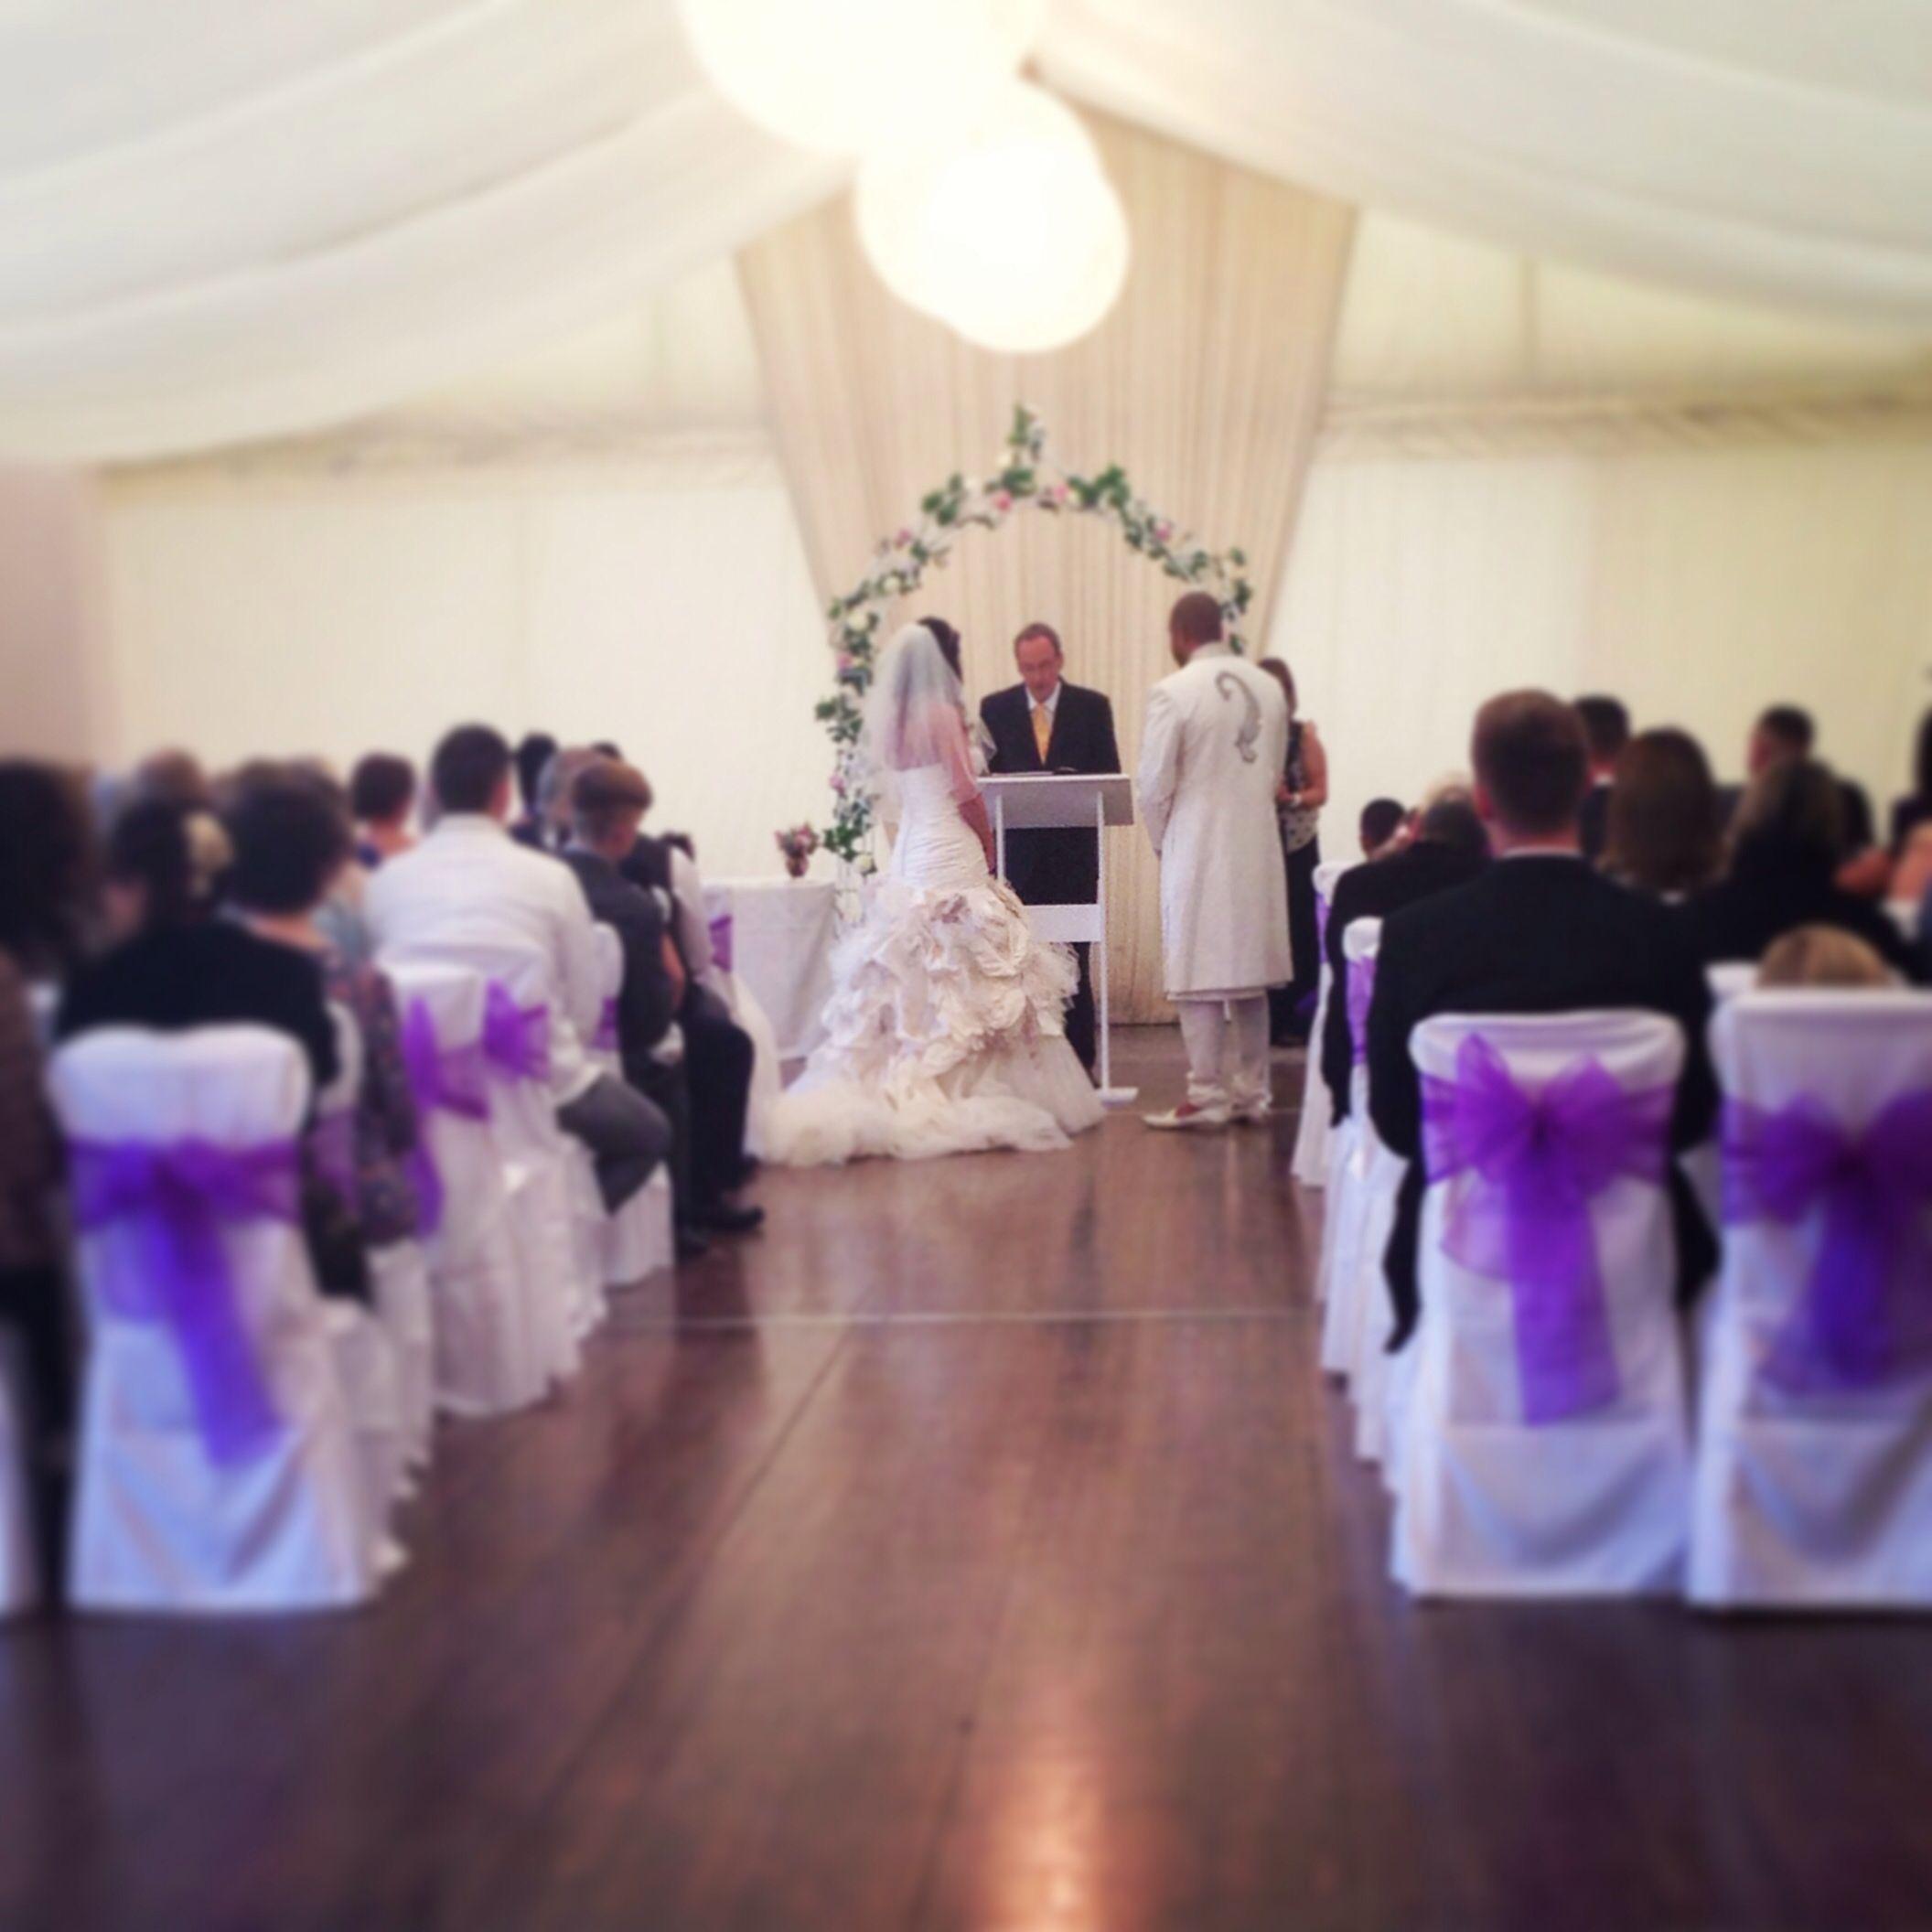 Civil Ceremony, Ceremony, Wedding